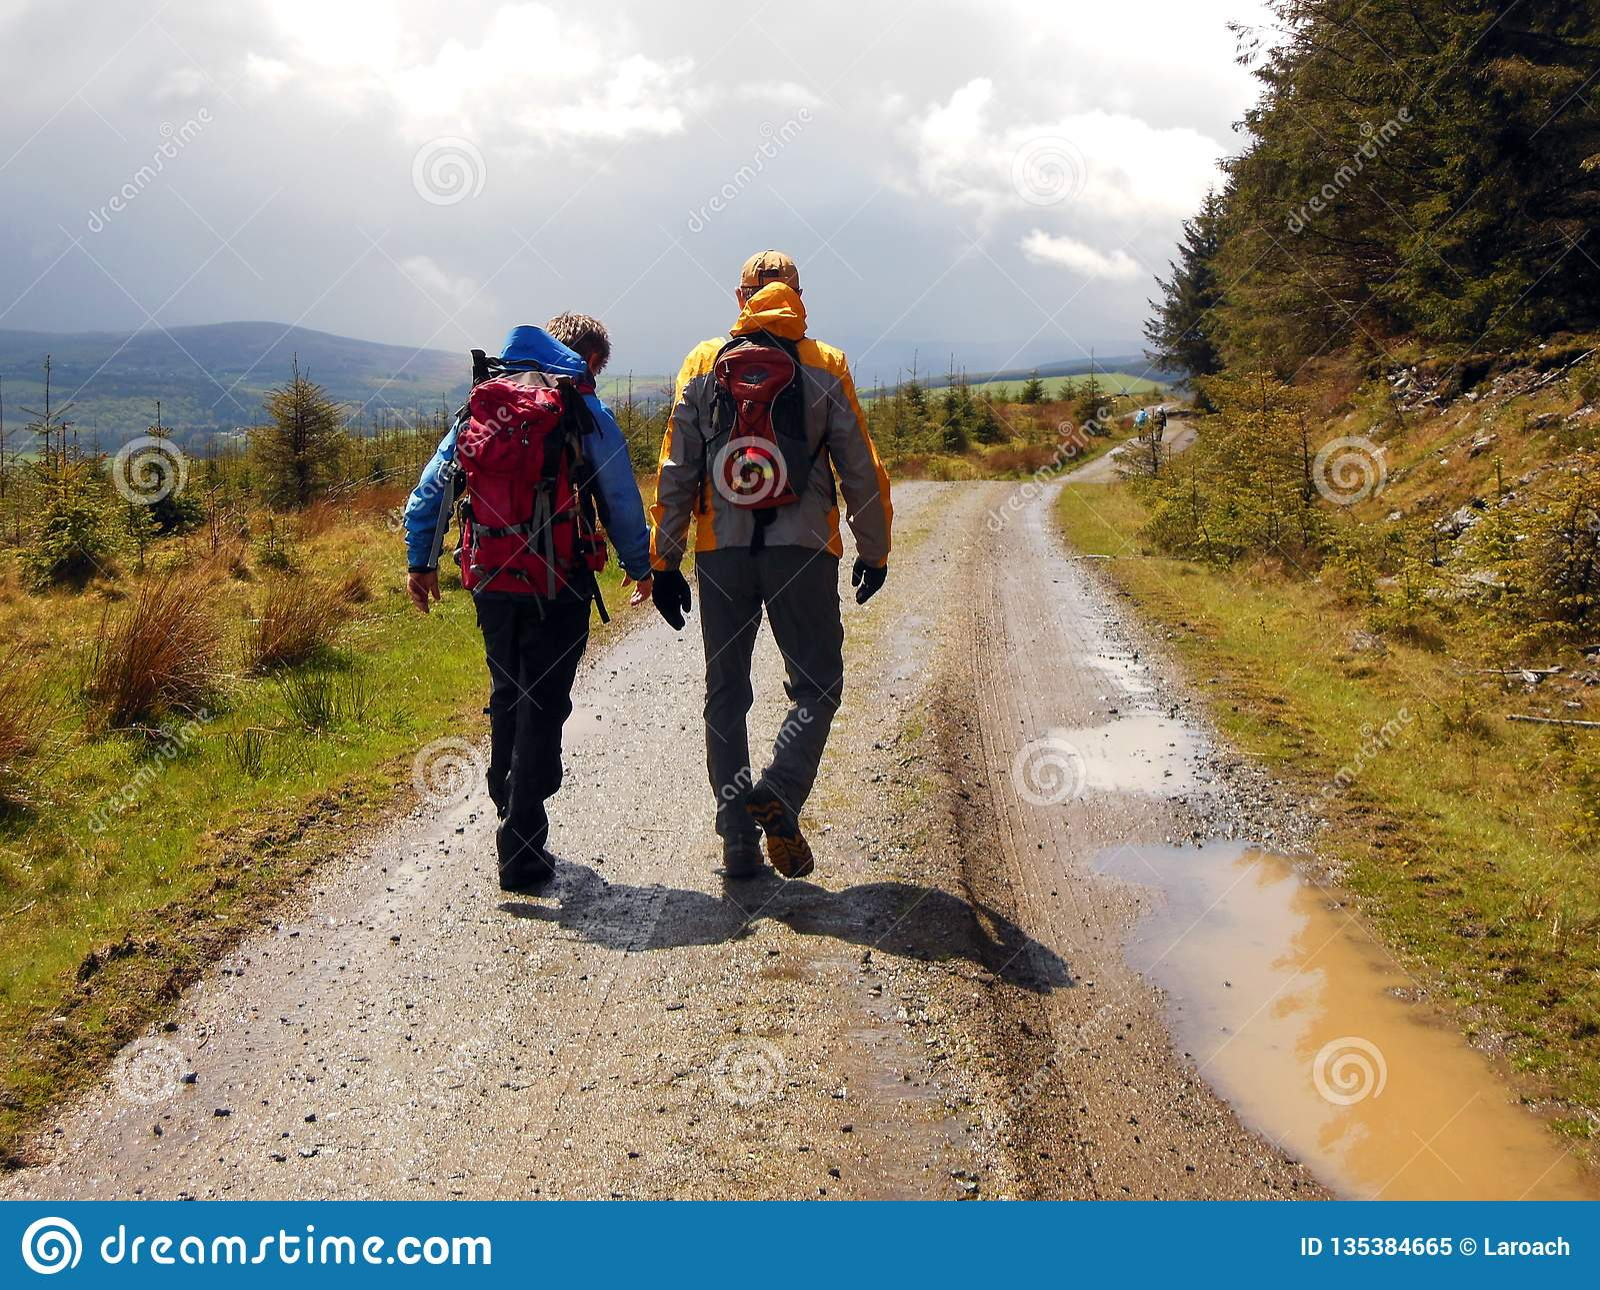 Hiking Back Trails of Ireland